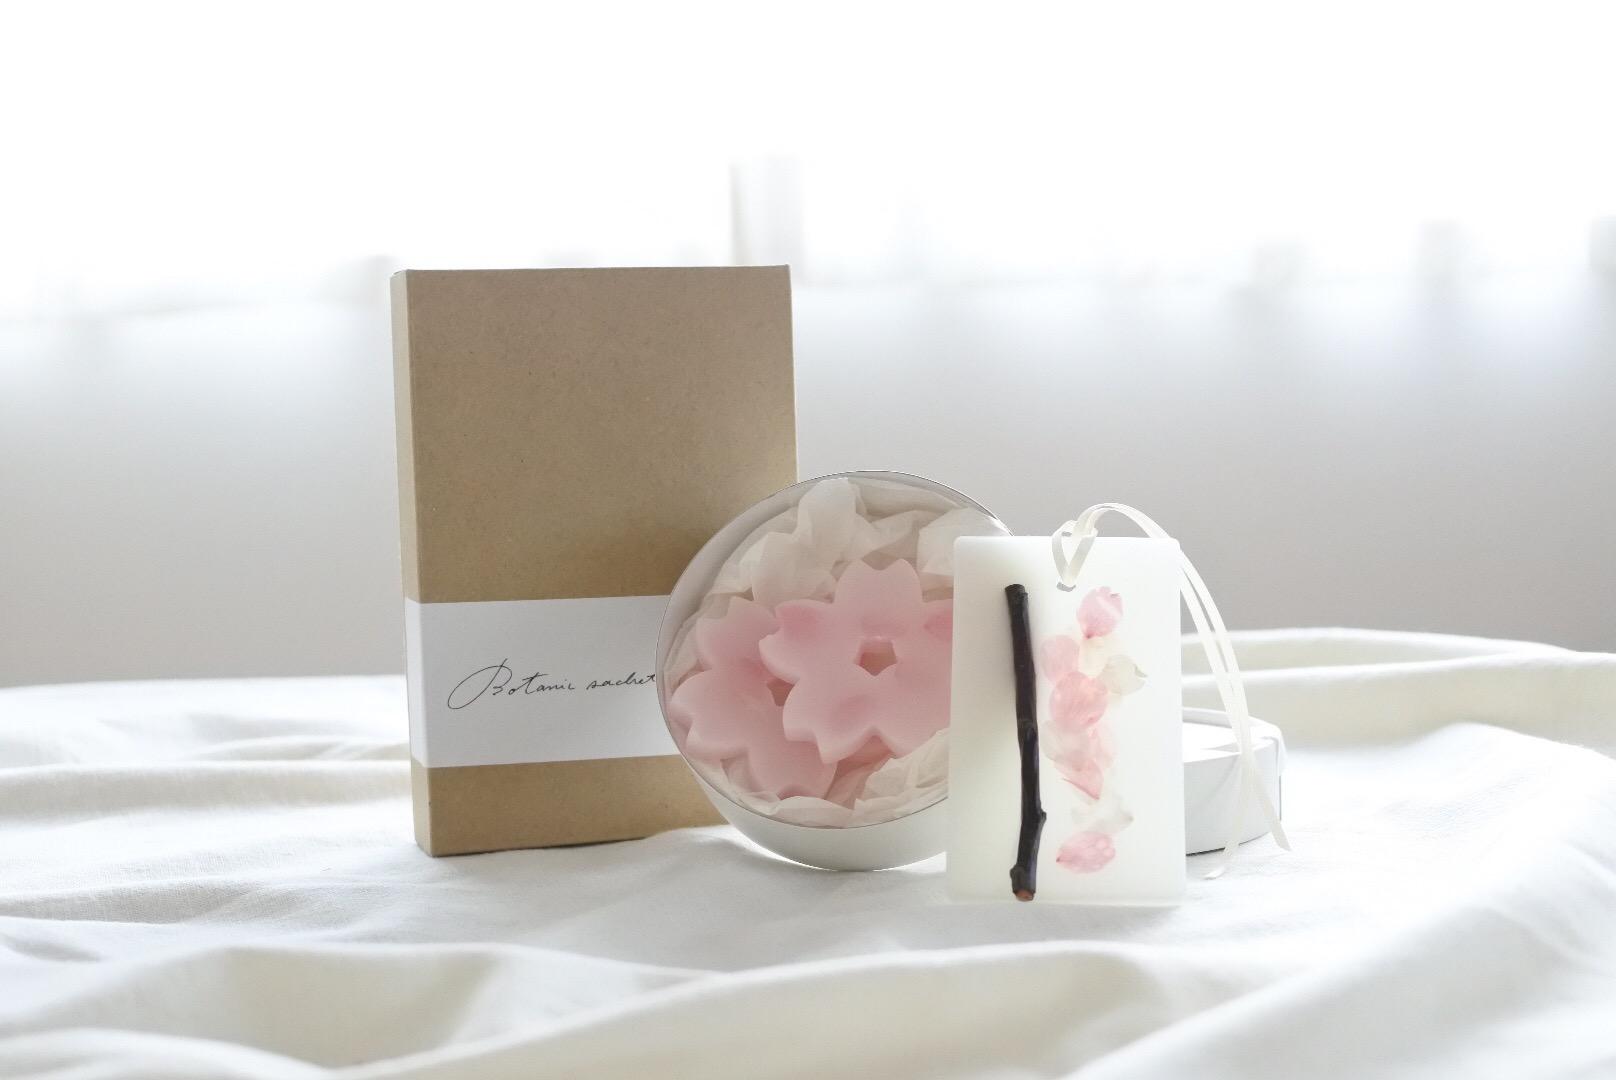 【旬の贈り物】新元号「令和」の出典 万葉集にも出てくる香り袋